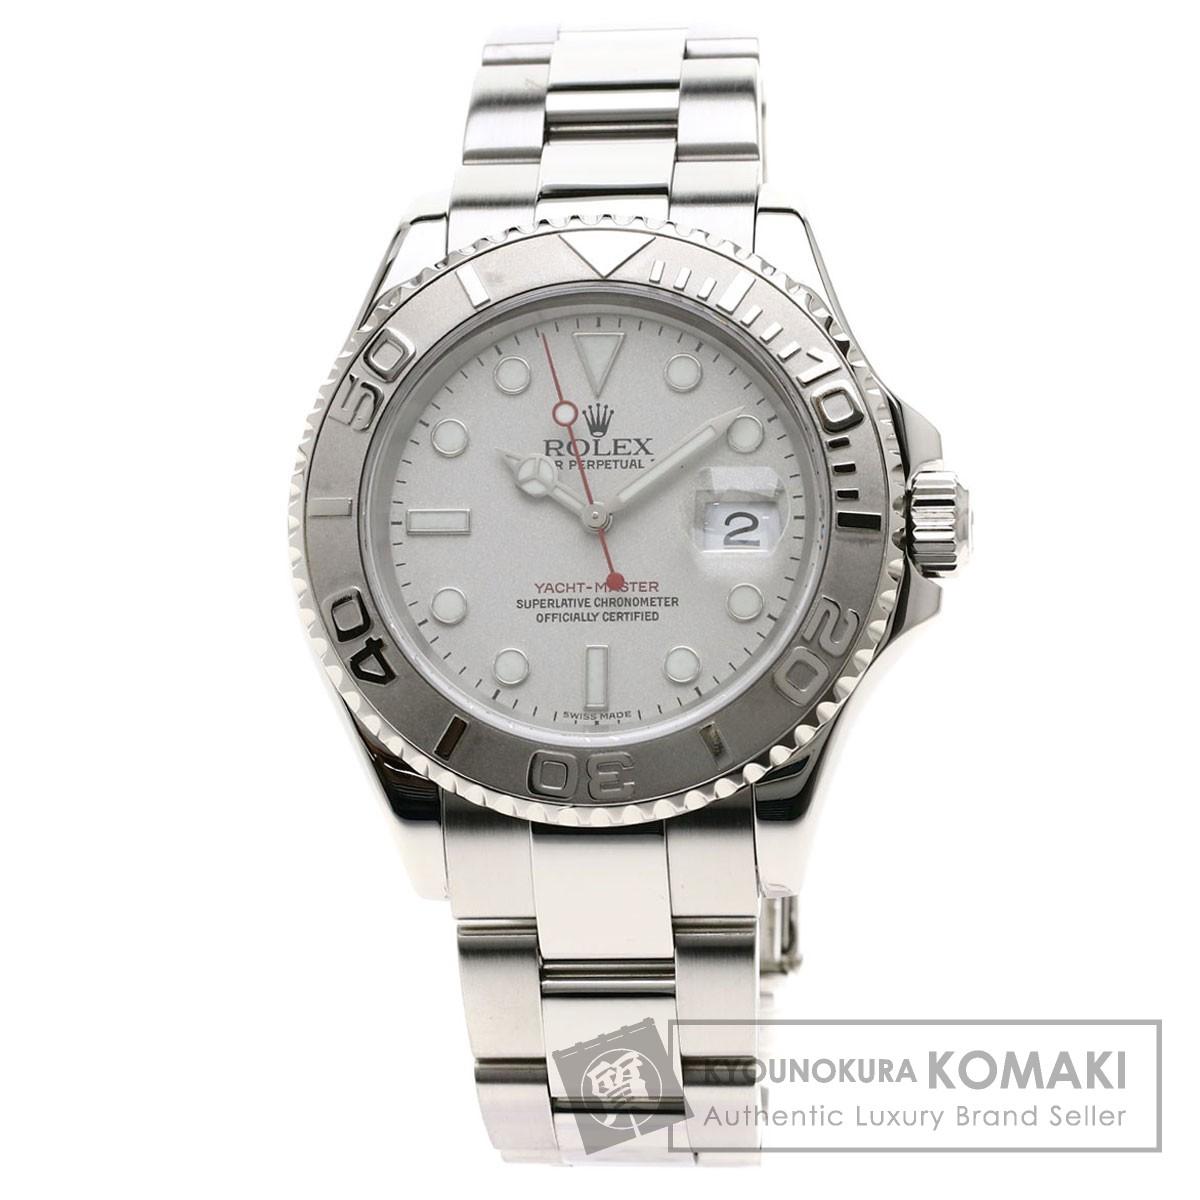 ROLEX 16622 ヨットマスター ロレジウム 腕時計 OH済 ステンレススチール/プラチナ メンズ 【中古】【ロレックス】